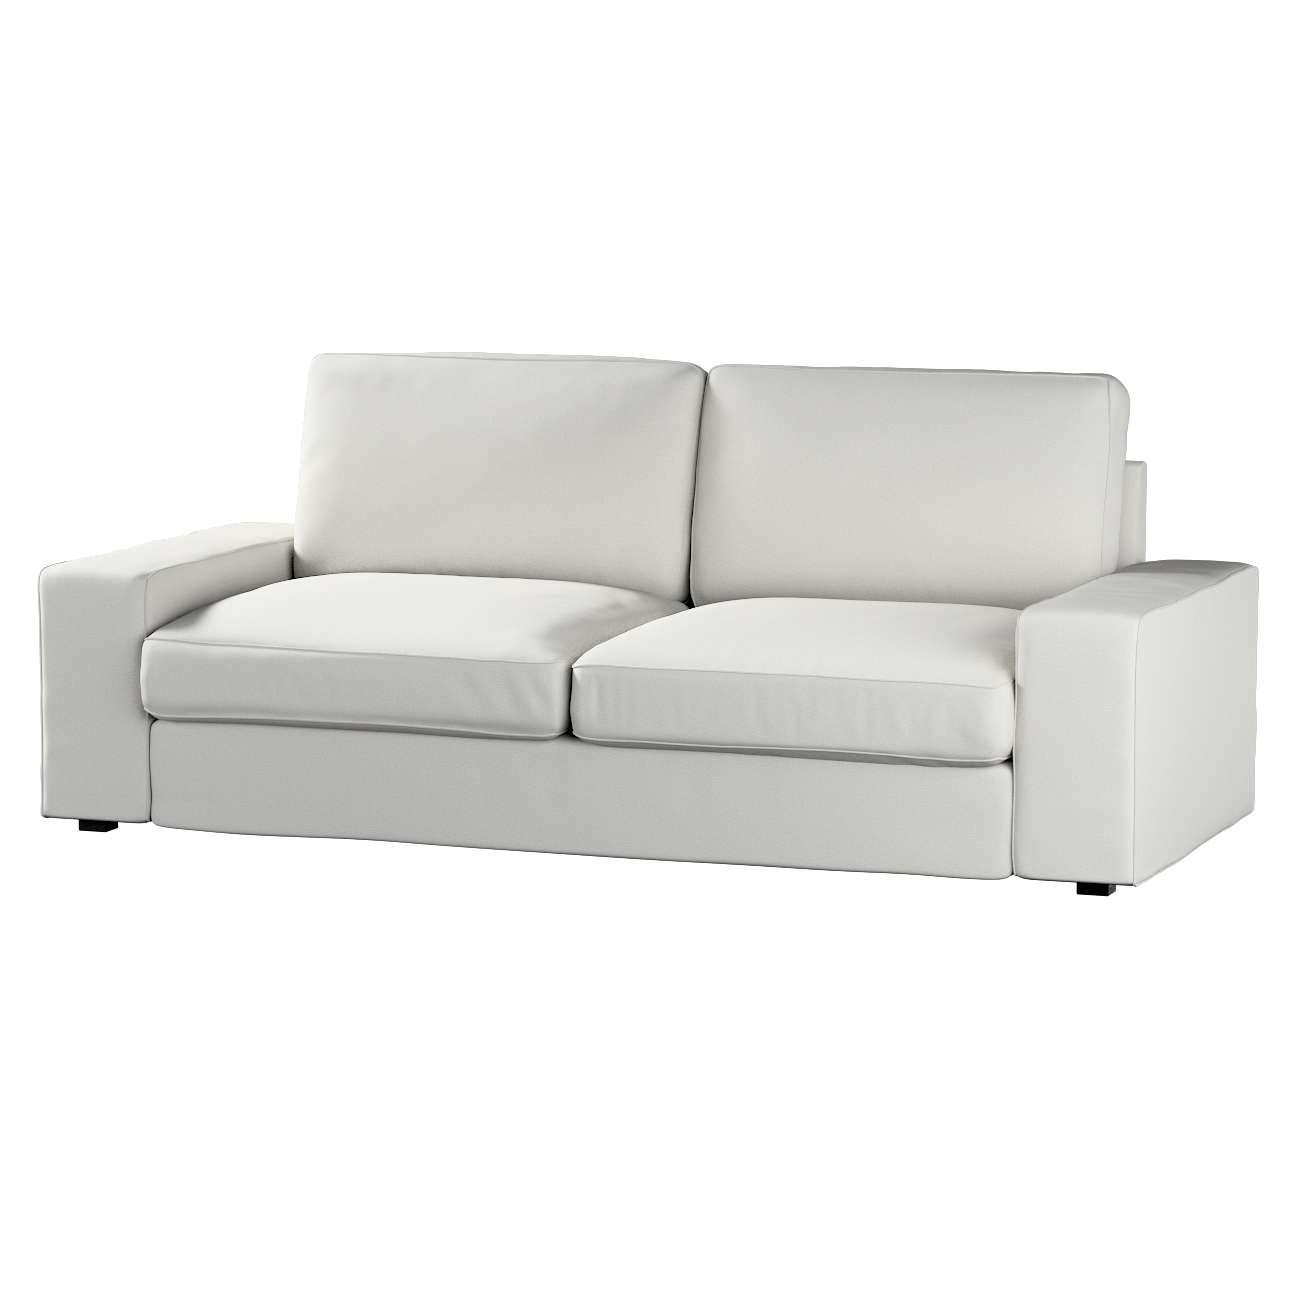 KIVIK trivietės sofos užvalkalas Kivik 3-seat sofa kolekcijoje Etna , audinys: 705-90